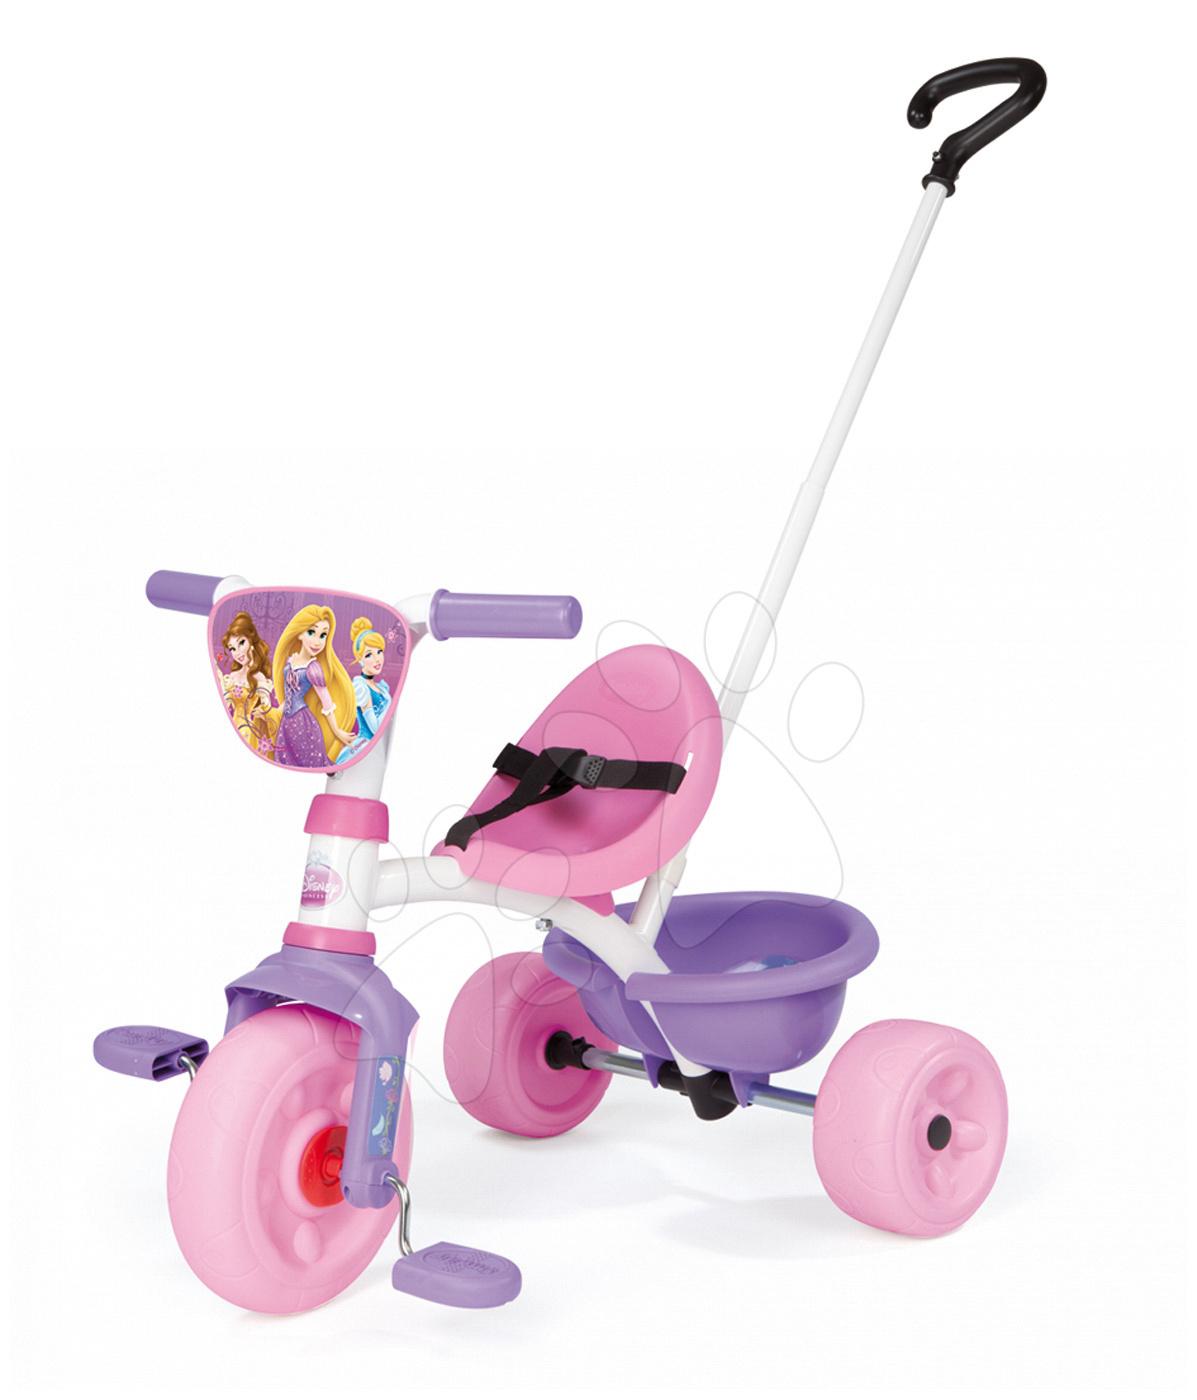 Tříkolka Princezny Be Move Smoby růžovo-fialová od 15 měsíců